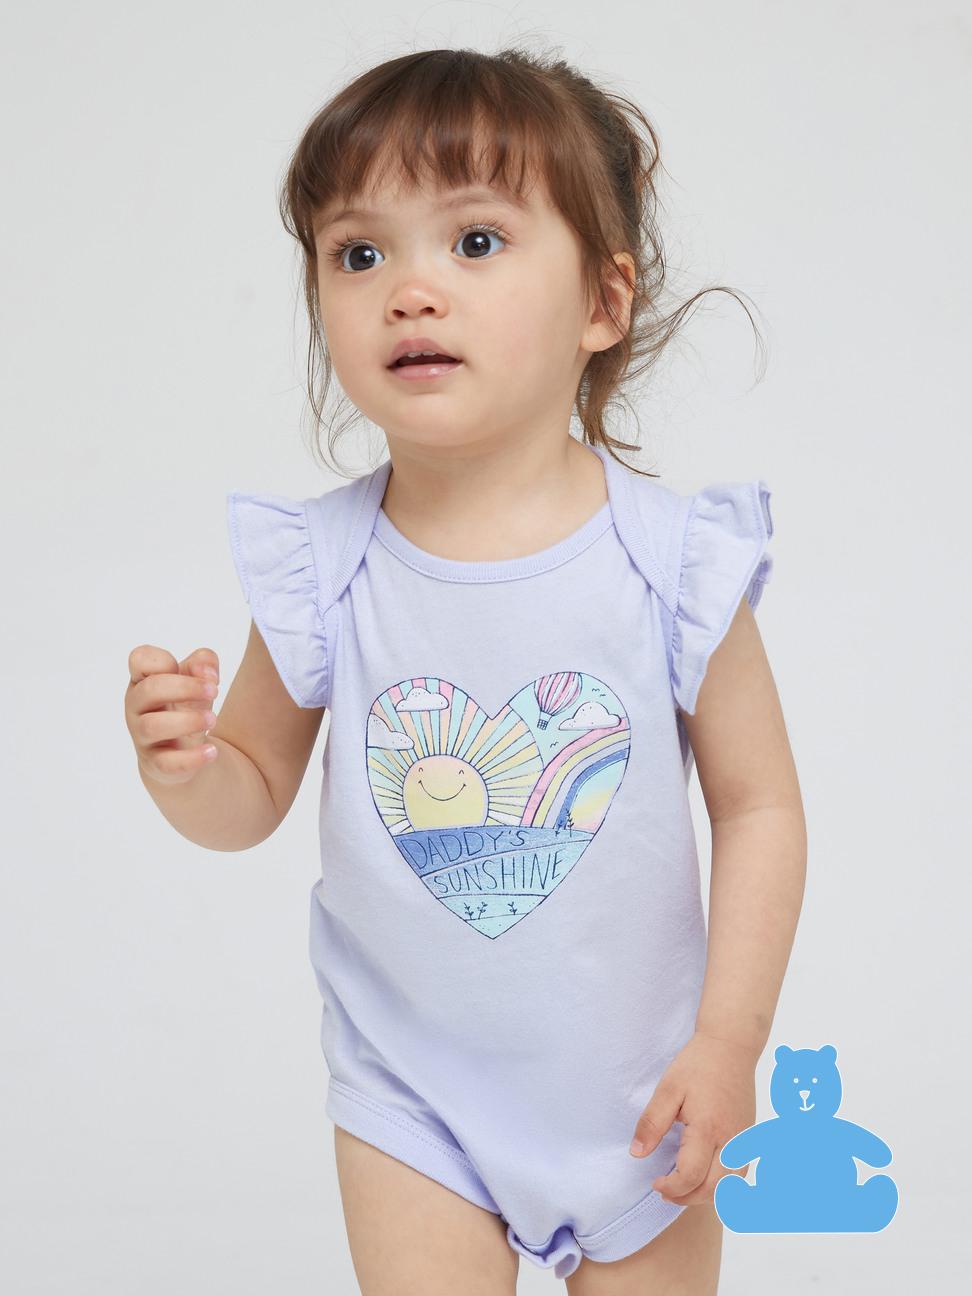 嬰兒 布萊納系列 甜美印花荷葉邊包屁衣